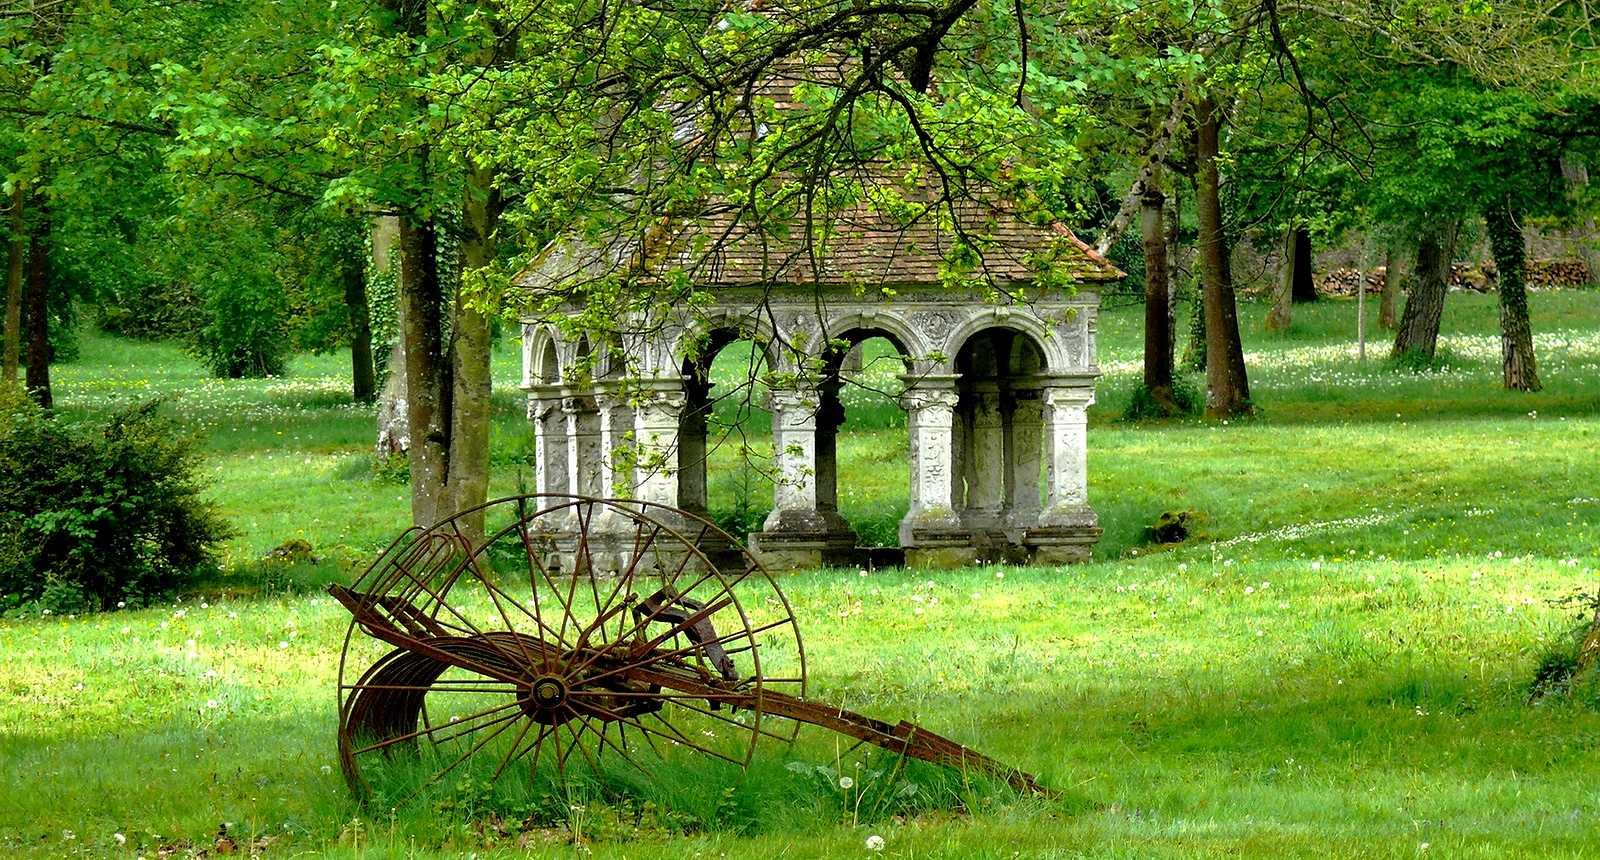 Le Parc de l'Abbaye des Vaulx de Cernay